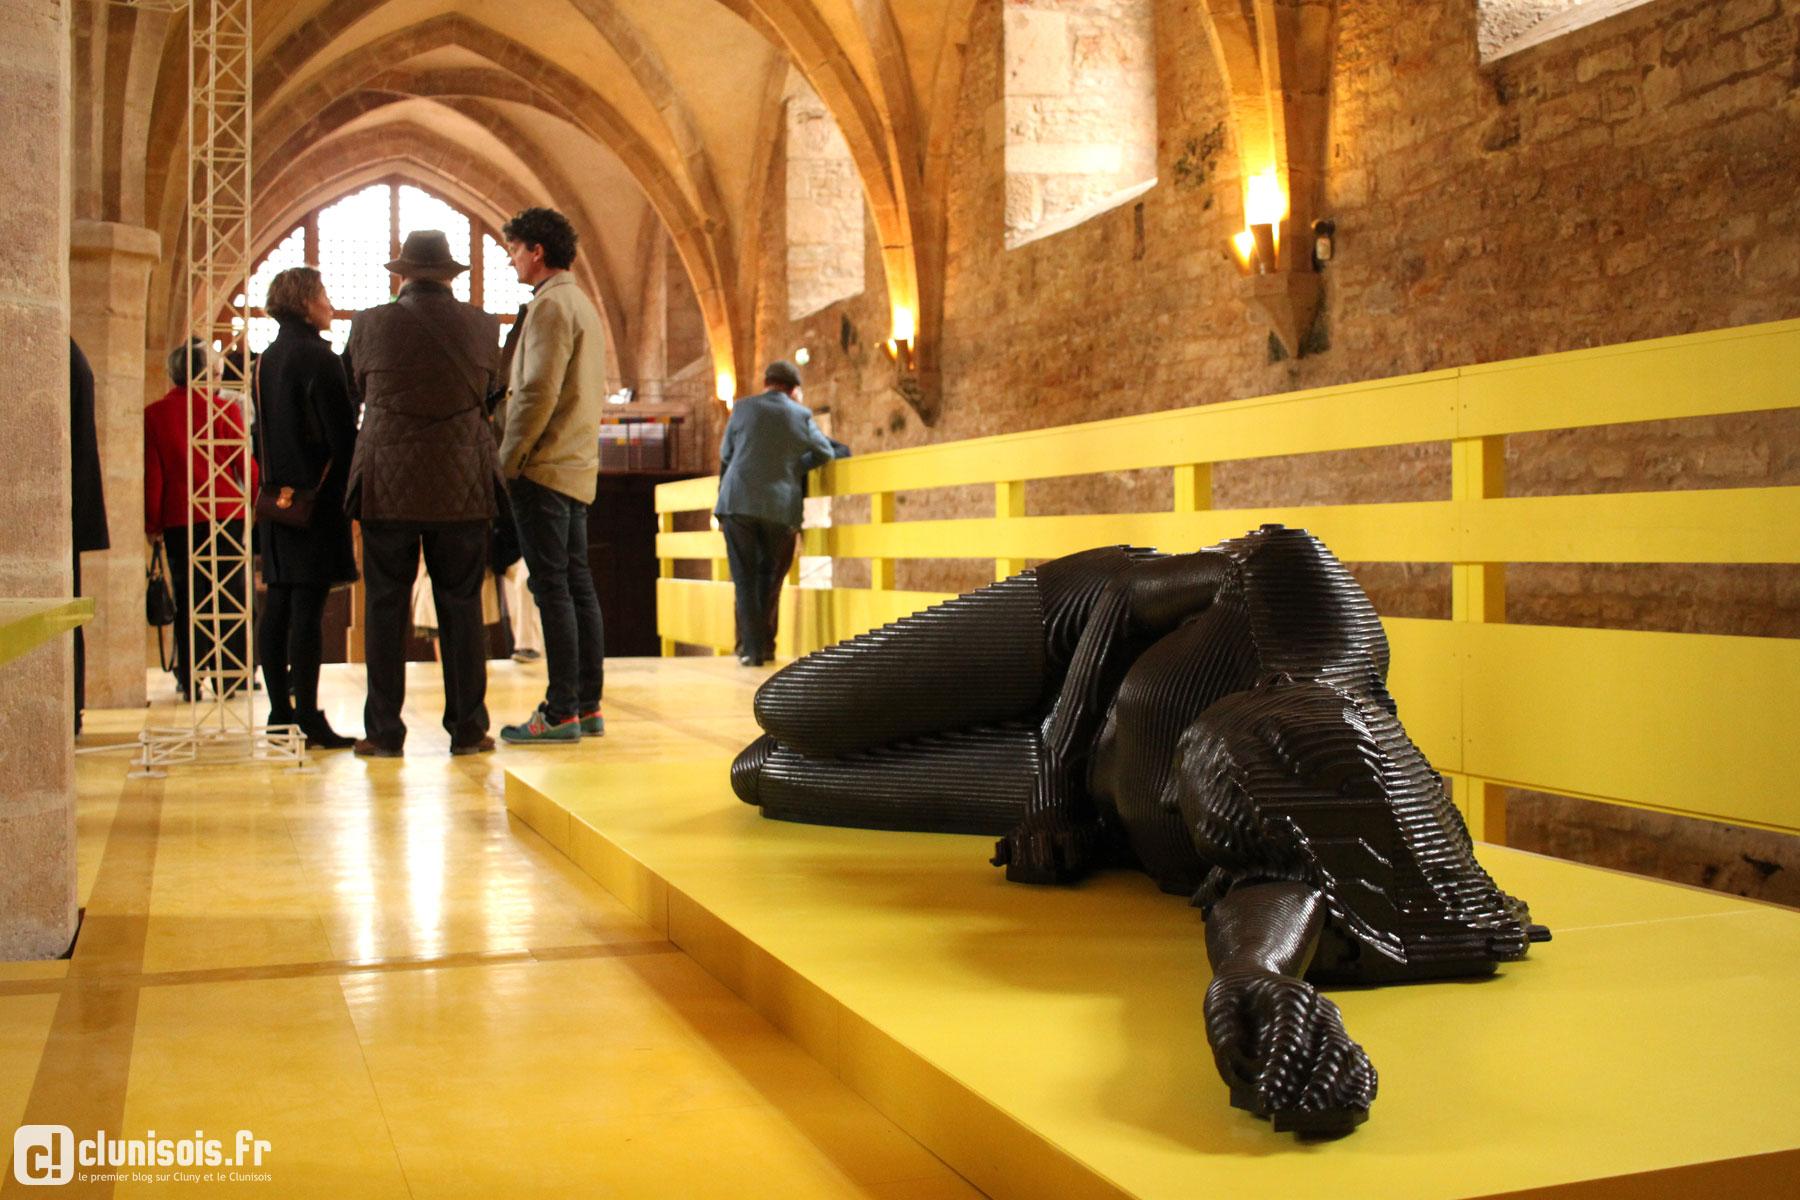 expo-triqueti-saison3-abbaye-cluny-2016-photo-clunisois-04